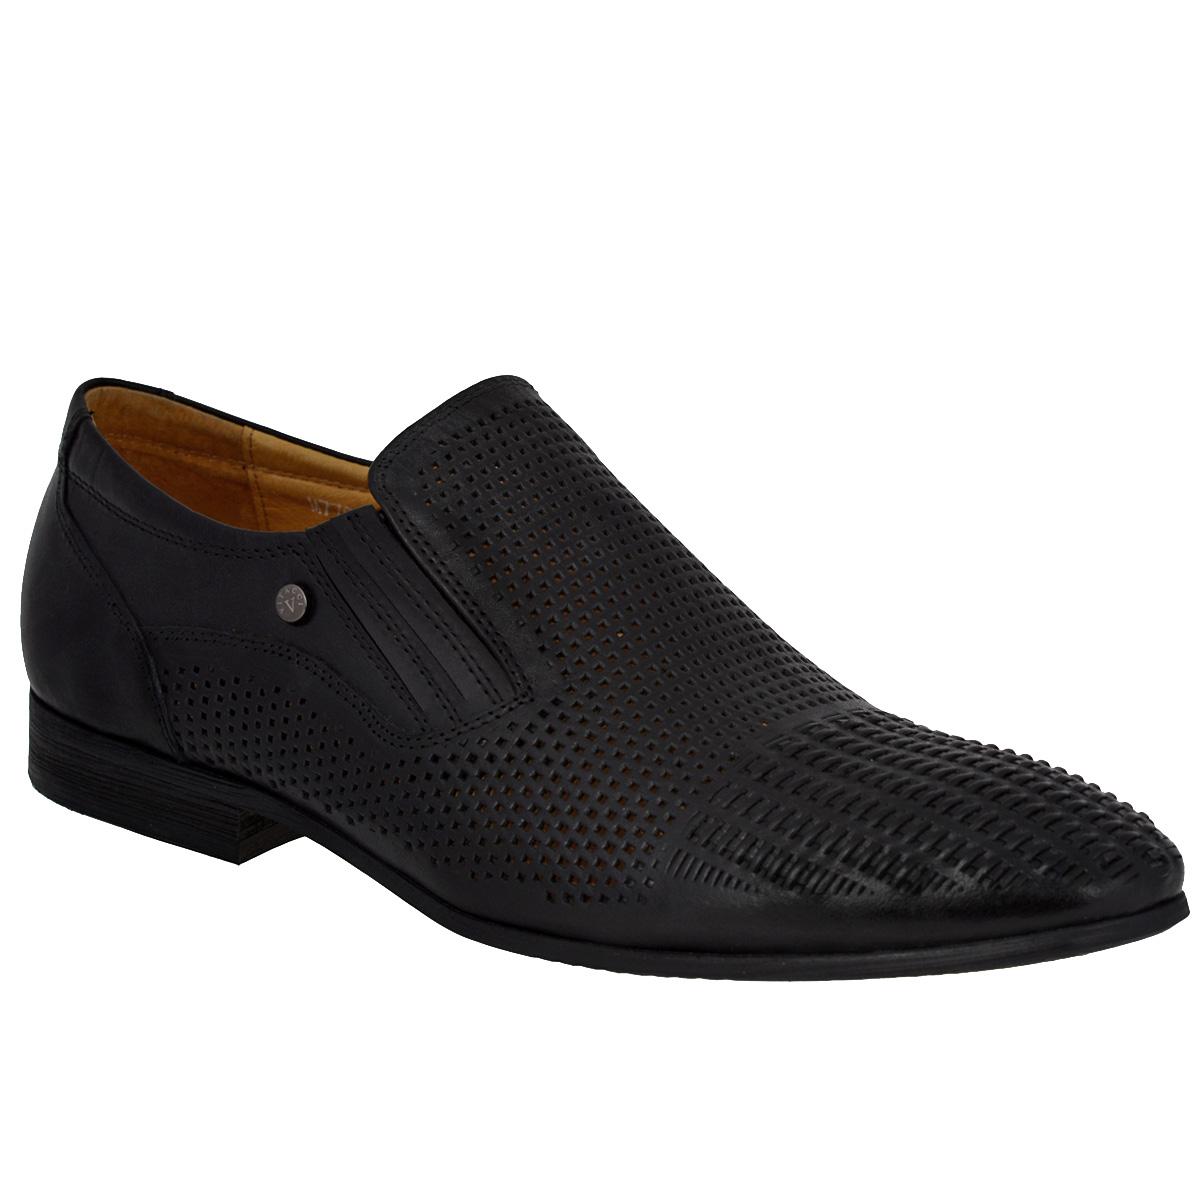 M77034Трендовые мужские туфли Vitacci займут достойное место в вашем гардеробе. Модель изготовлена из высококачественной натуральной кожи и оформлена декоративным плетением на мысе, перфорацией для лучшей воздухопроницаемости. Одна из боковых сторон туфель украшена небольшой металлической пластиной с названием и логотипом бренда. Резинки, расположенные на подъеме, обеспечивают оптимальную посадку модели на ноге. Стелька из натуральной кожи позволяет ногам дышать. Подкладка выполнена из нубука и натуральной кожи. Низкий каблук и подошва с противоскользящим рифлением обеспечивают отличное сцепление с любой поверхностью. Стильные туфли не оставят равнодушным ни одного мужчину.